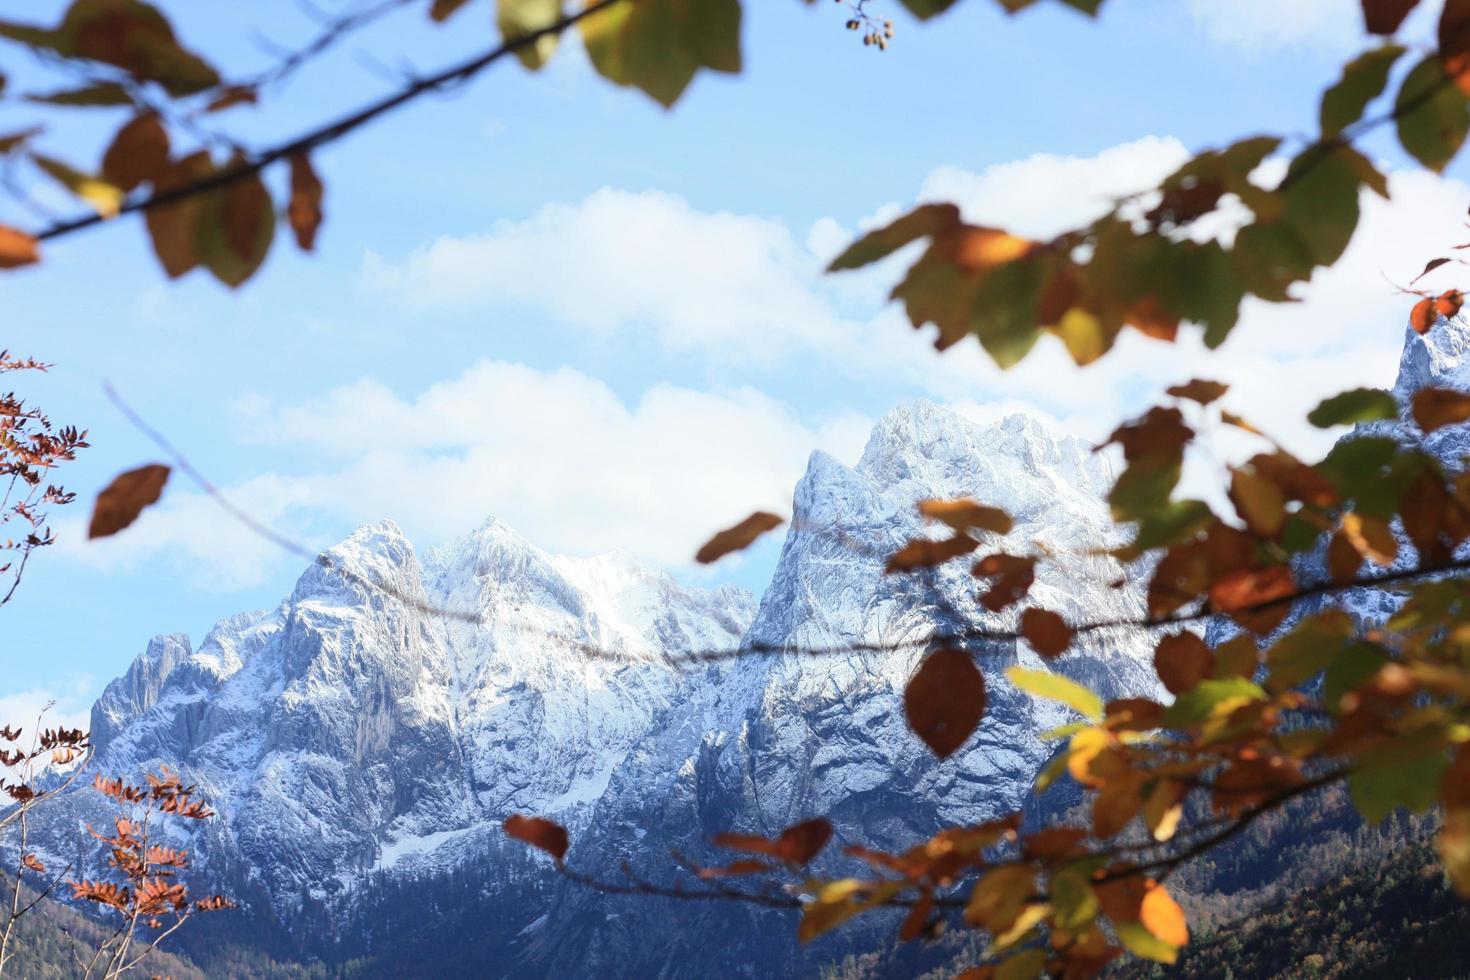 montagnes enneigées à travers les feuilles d'automne photo